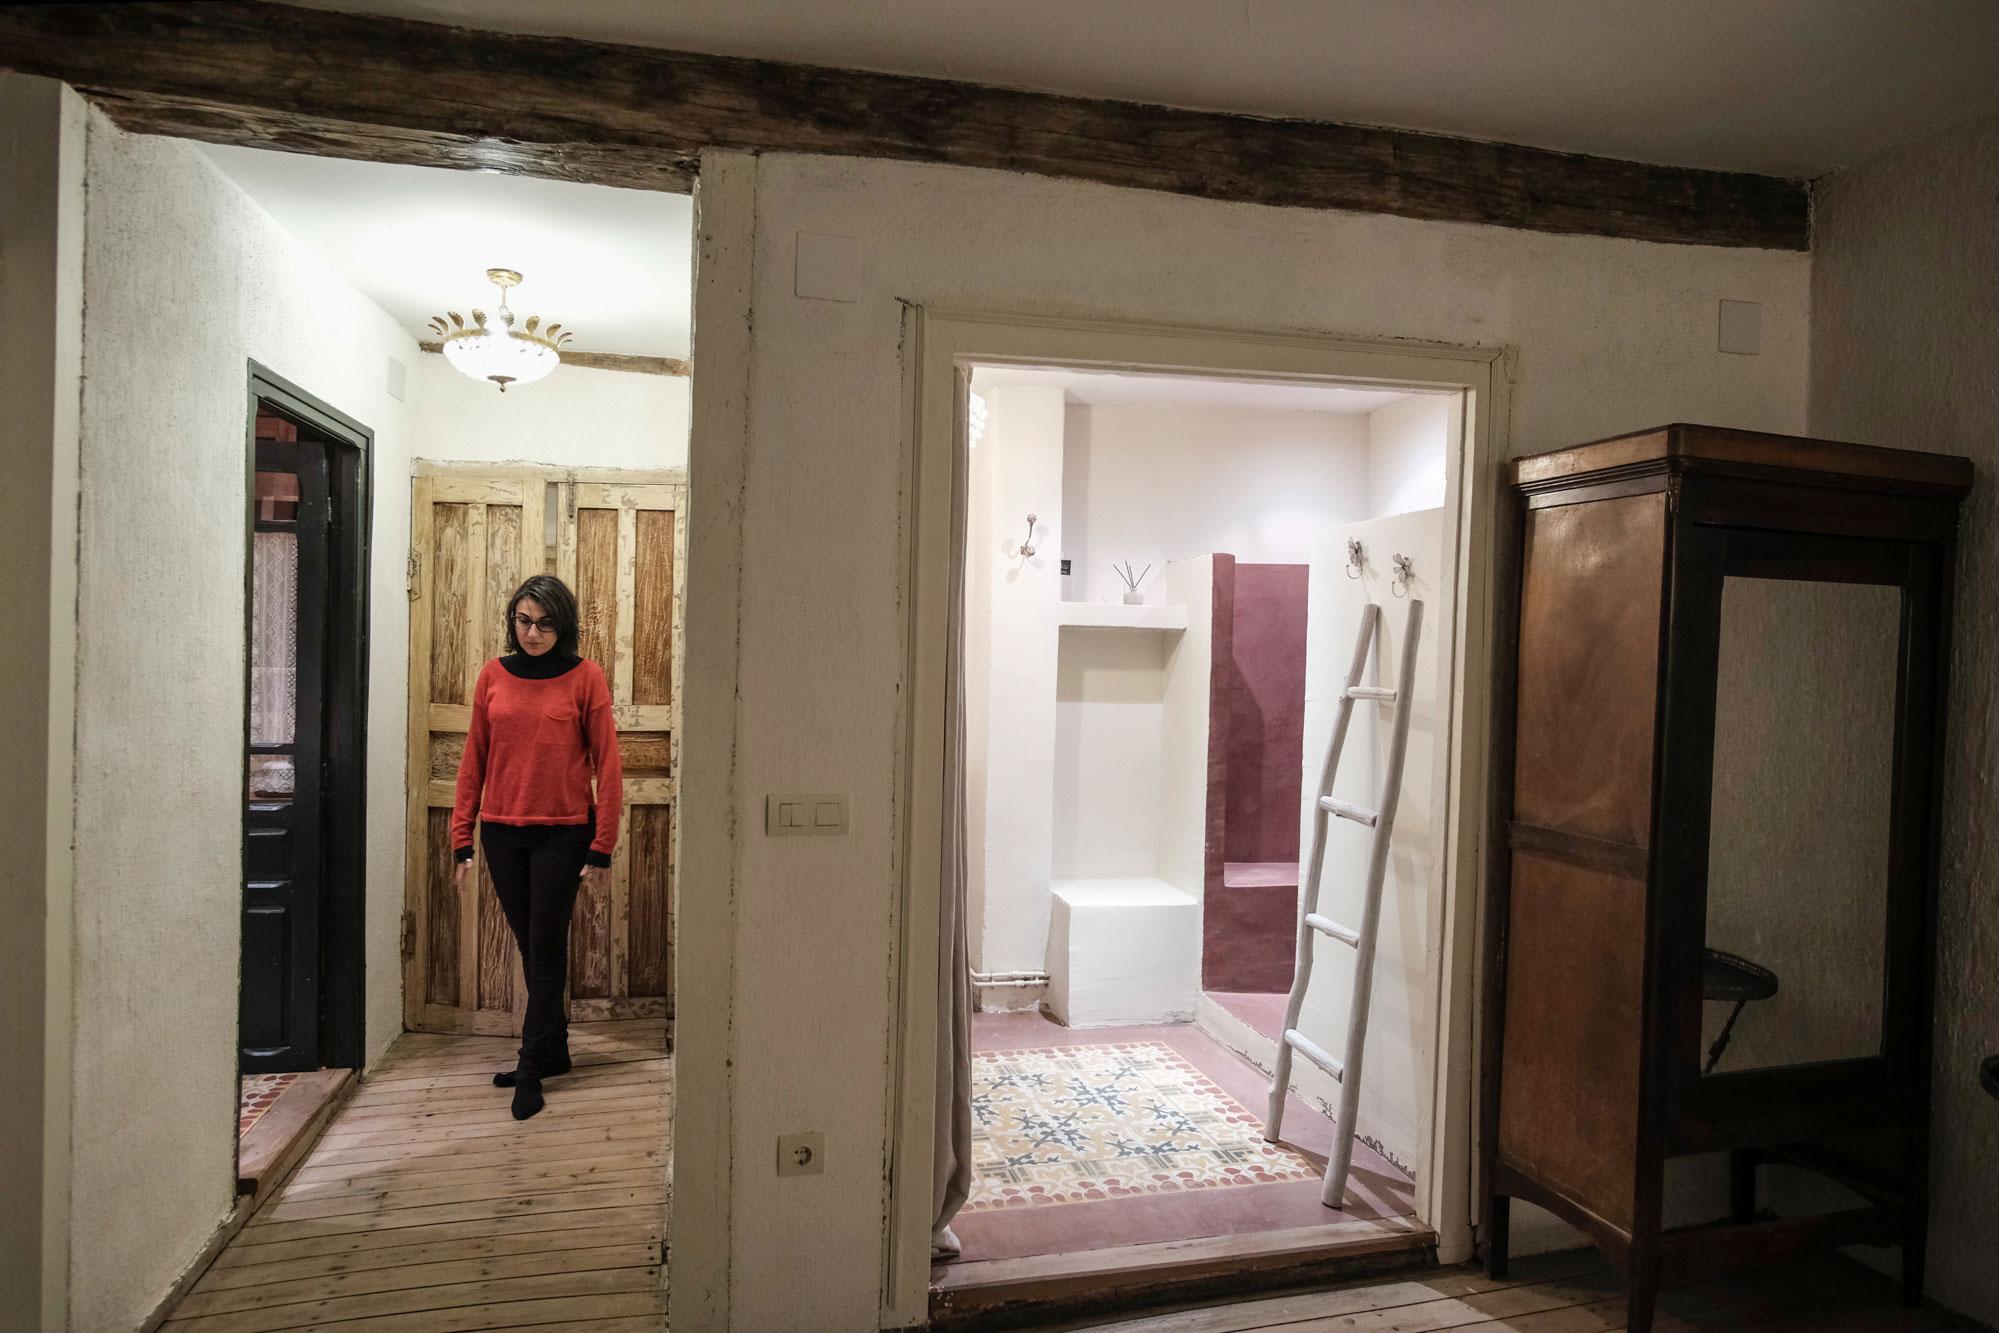 La 'suite' mantiene el espacio de la ducha separado del resto del cuarto de baño.